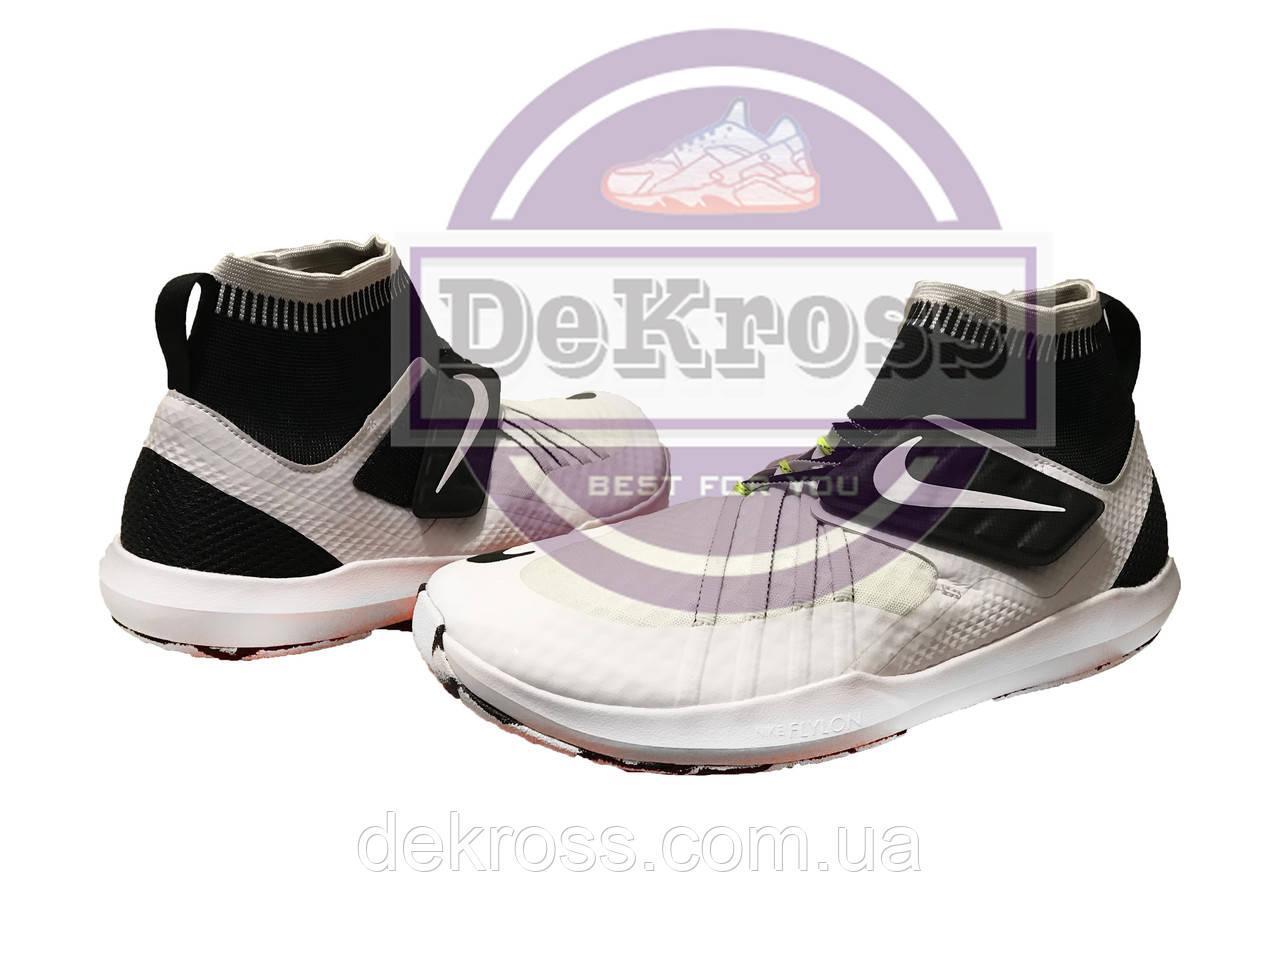 Кроссовки Nike Flylon Train Dynamic (42) Оригинал 852926-100